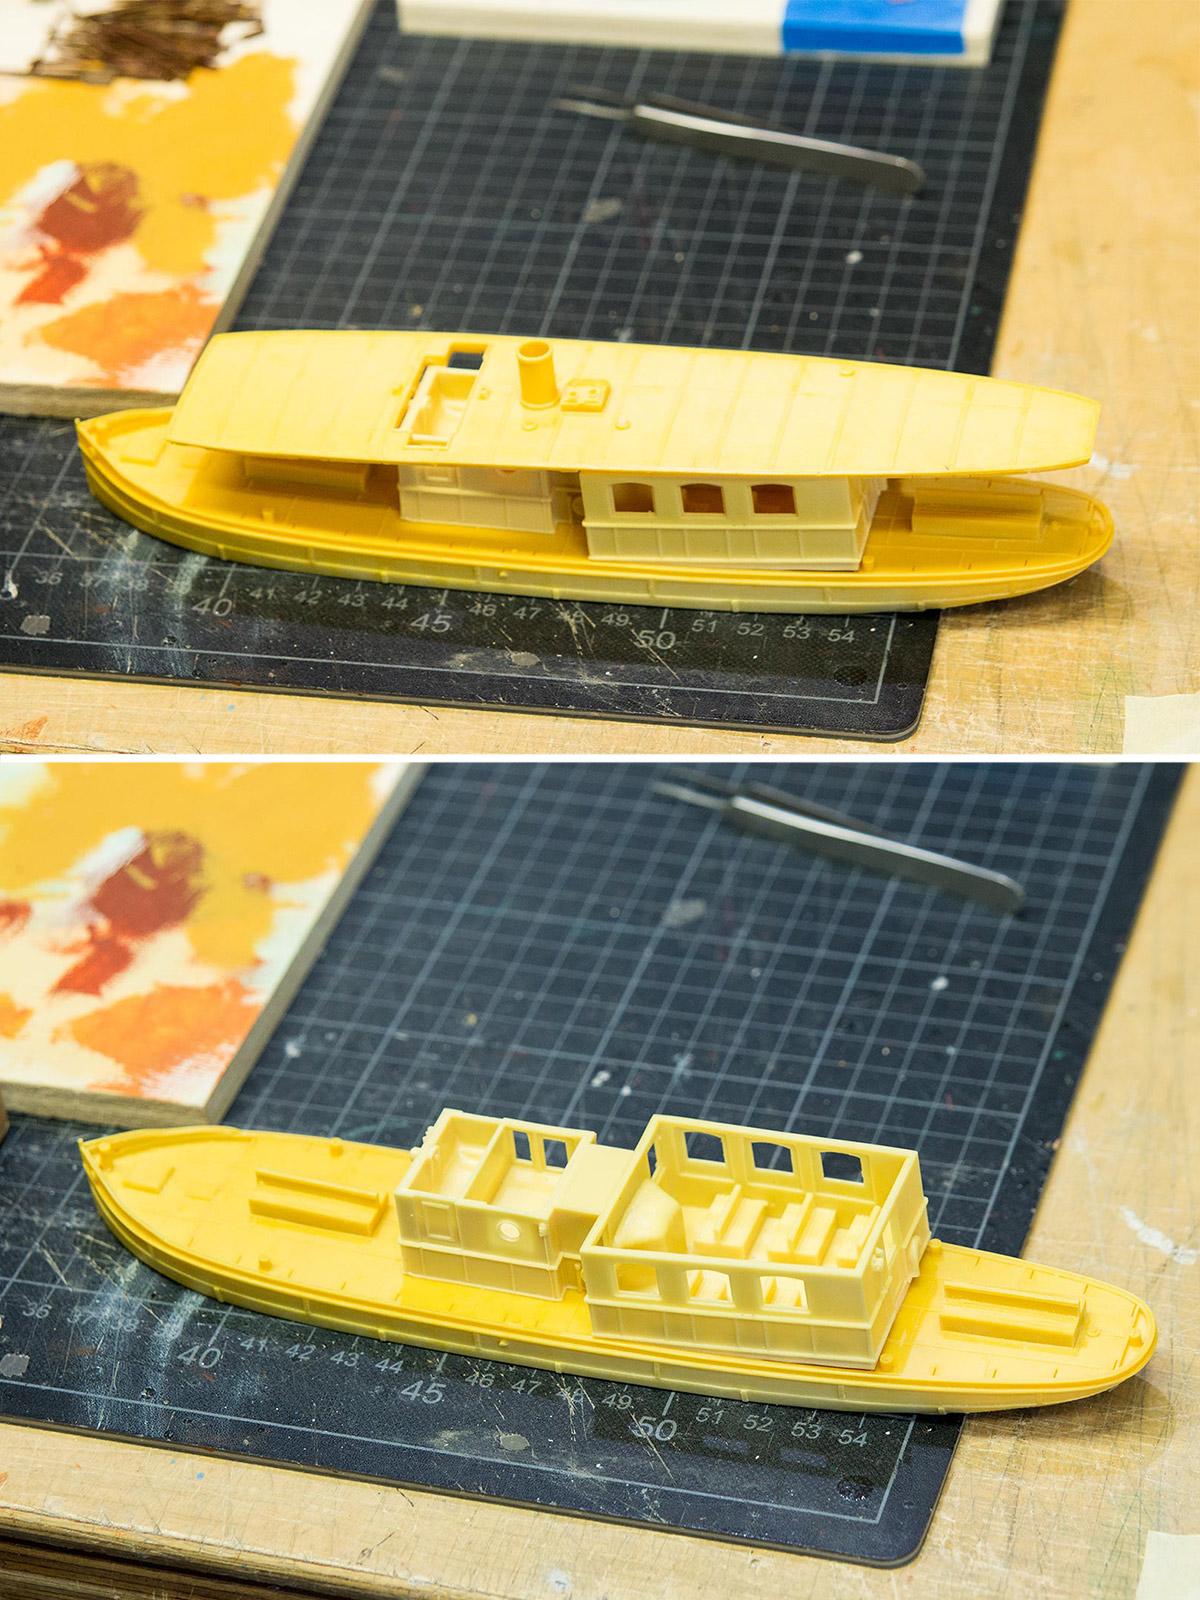 Zum Schluss kommen wir noch zu einem schönen Highlight. Diesen gelben Rohling, der einmal ein Fischkutter war, hat Gaston in fünf Tagen Arbeit zu einem Glasbodenboot umgebaut.